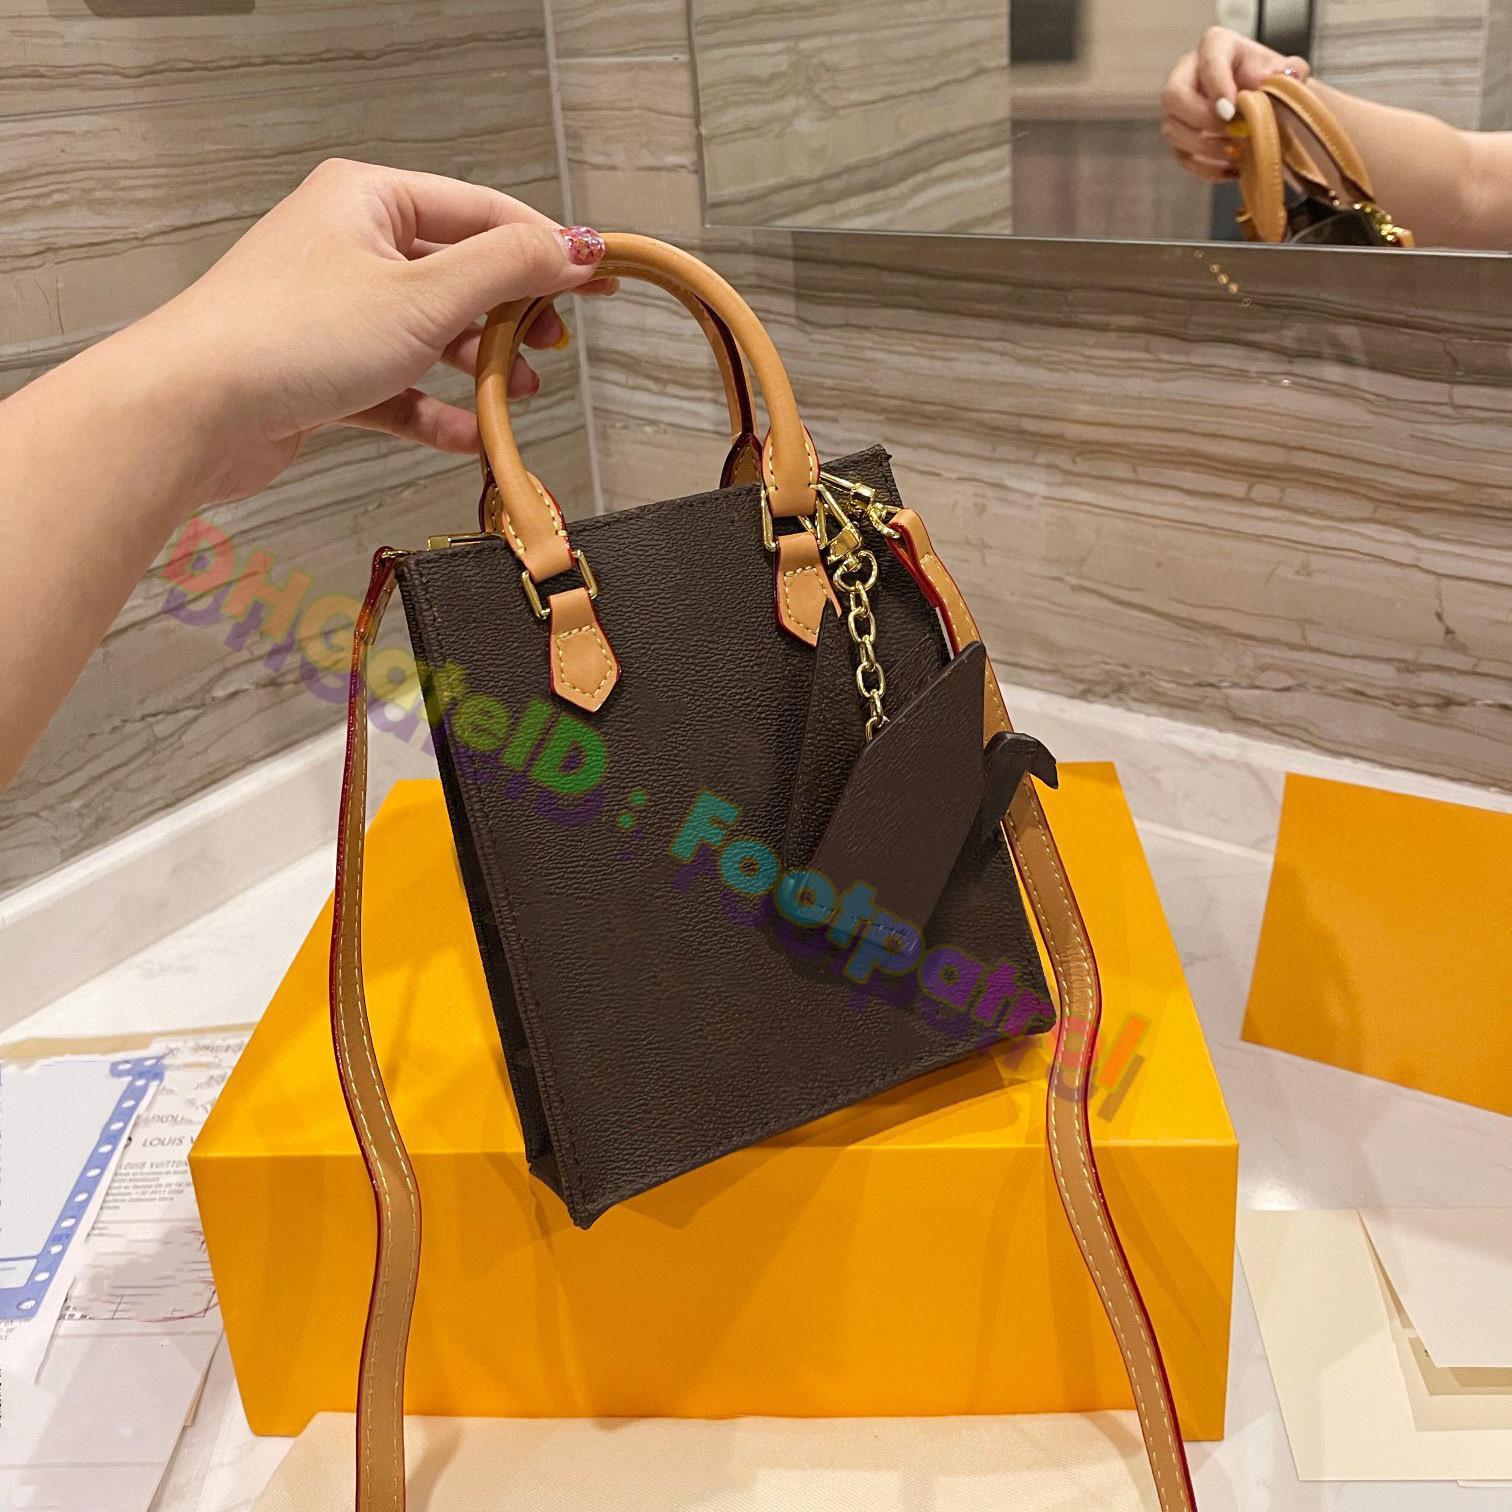 النساء الكلاسيكية خمر أكياس التسوق حقائب الكتف حقائب فصريون مصممين حقيبة 2021 الأزياء الصليب الجسم حقيبة يد السيدات أعلى جودة حقيقية جلد محفظة محفظة